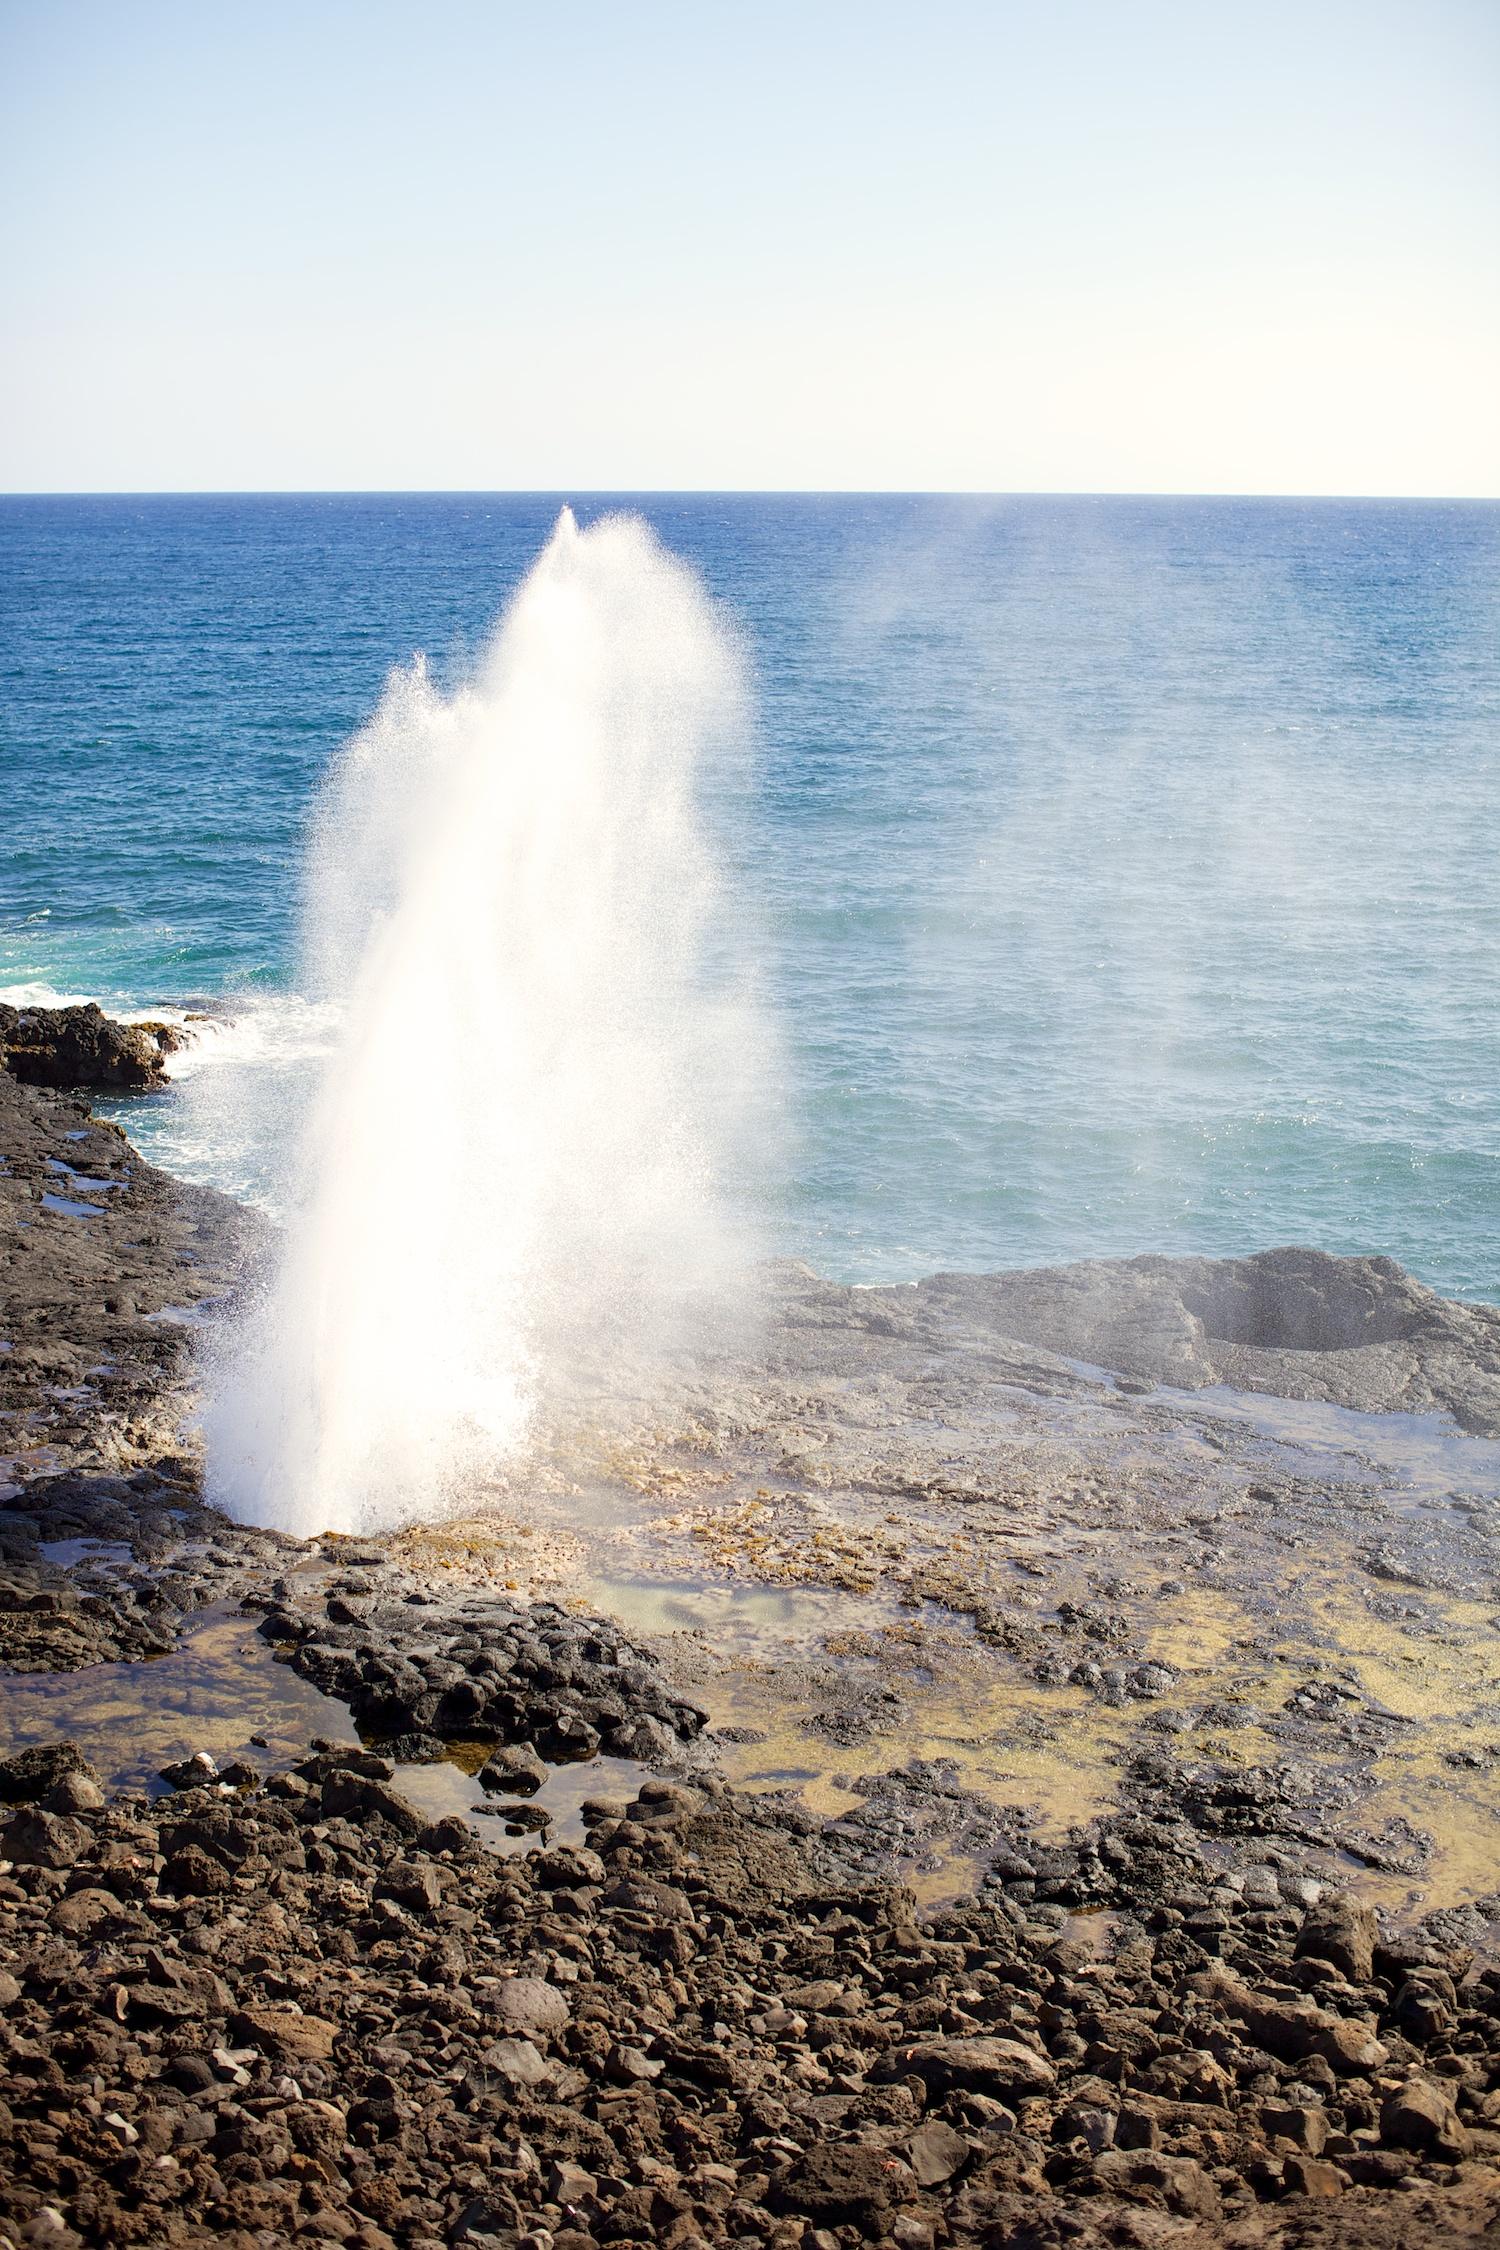 Spouting Horn @ Lawai Beach